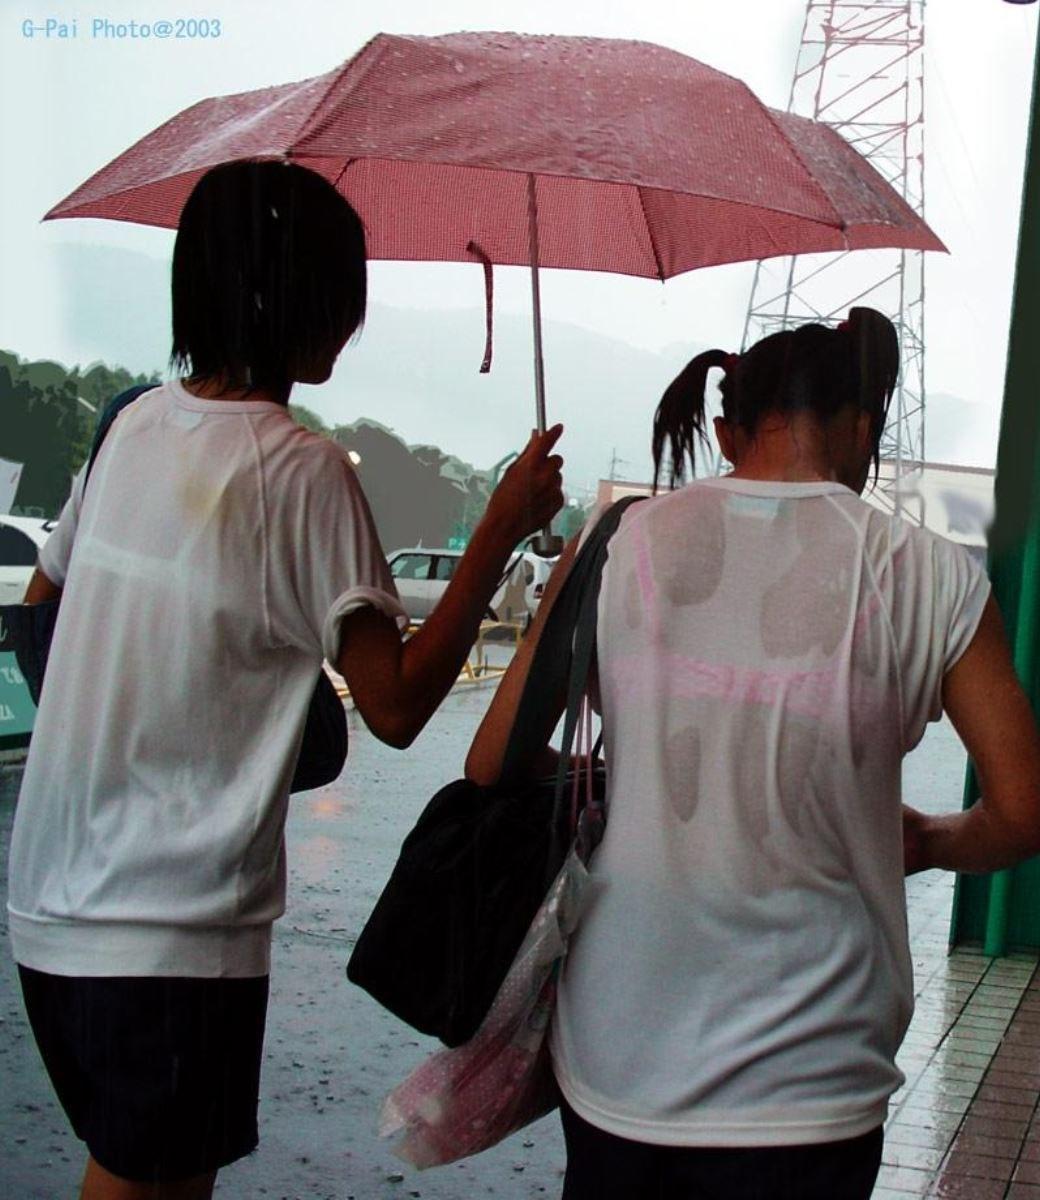 雨に濡れてブラジャー透けてるJKの濡れ透けエロ画像 13